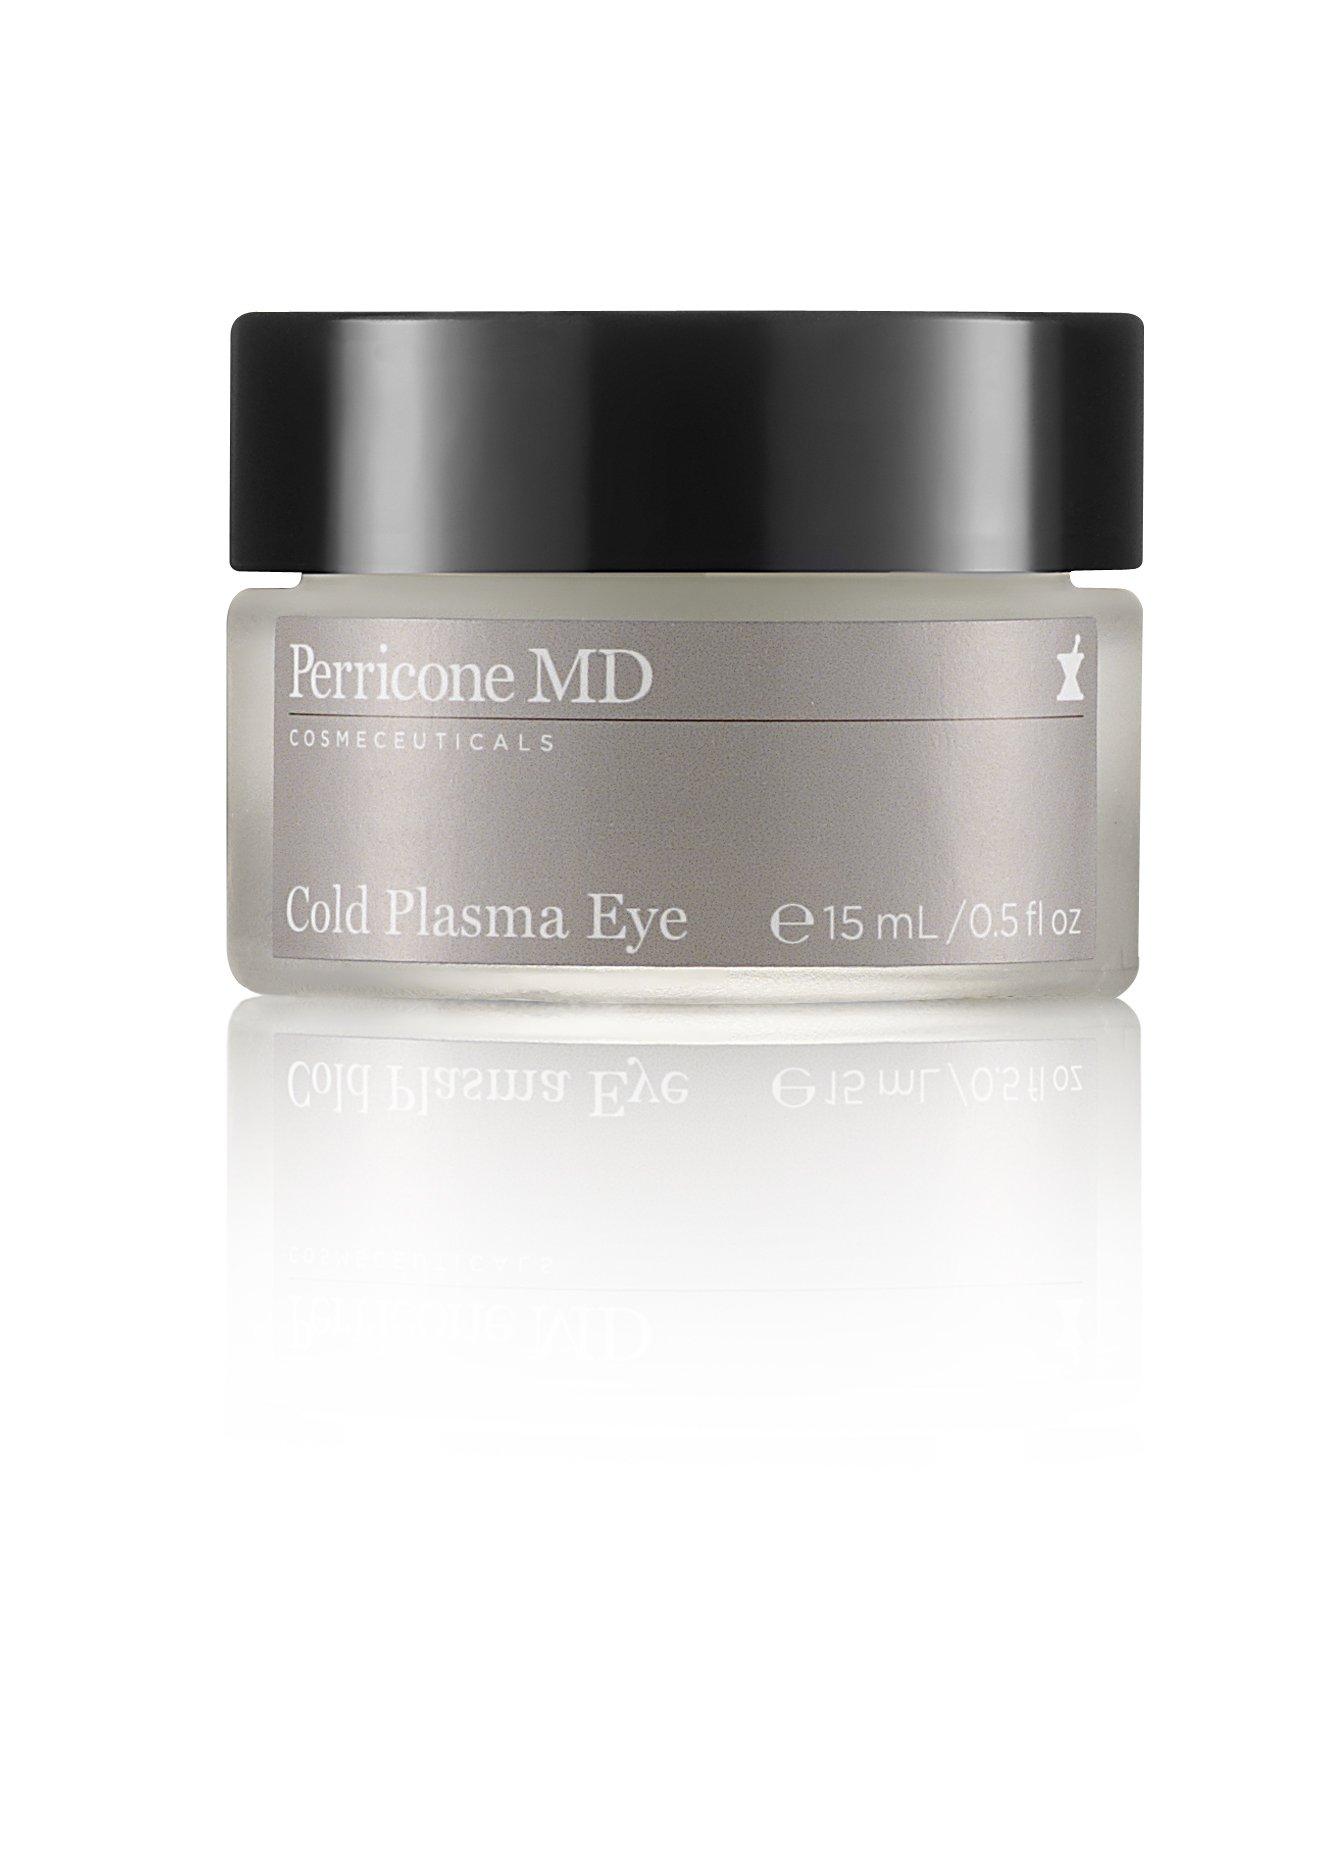 Perricone MD Cold Plasma Eye, 0.5 fl. oz.